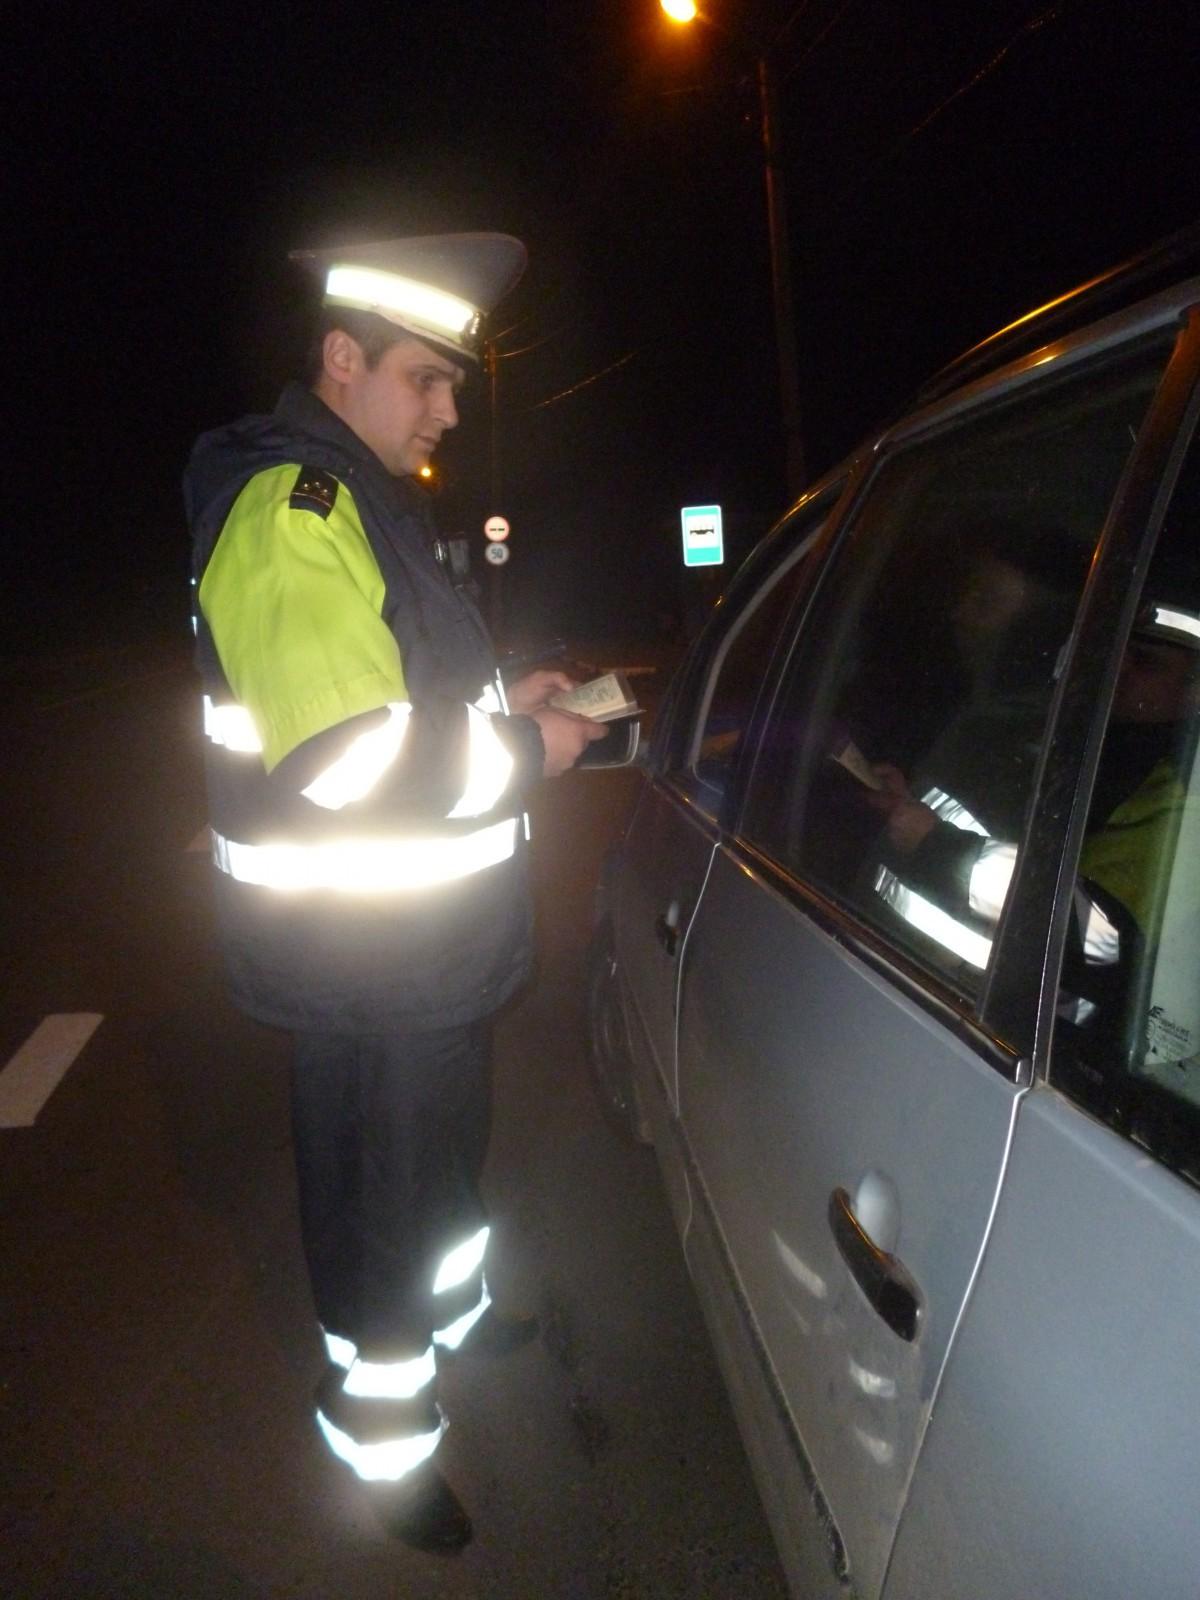 В 2017 году инспекторами дорожно-патрульной службы ГАИ г. Бобруйска выявлено 385 человек, которые сели за руль в состоянии алкогольного опьянения.